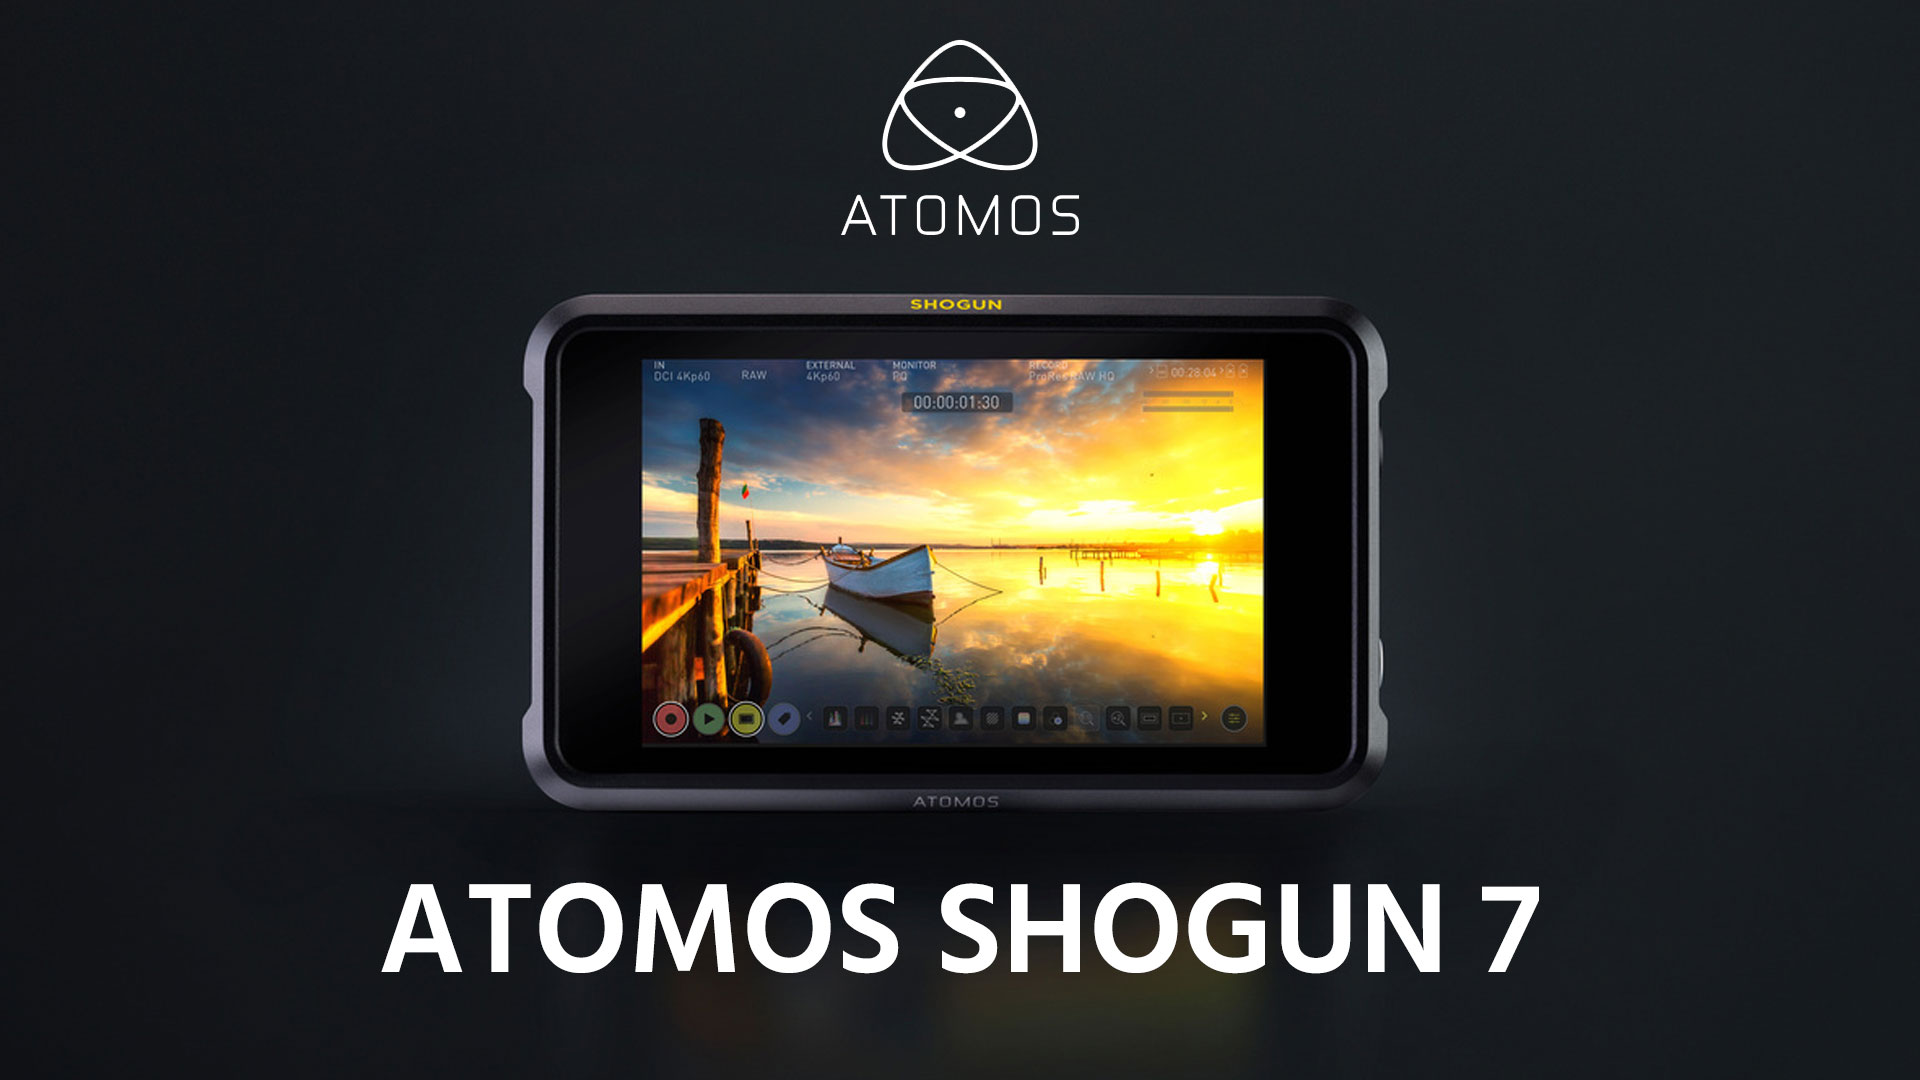 Atomos Anuncia el Shogun 7 – ProRes RAW 5.7K, conmutación en vivo, grabador y monitor HDR de 1500nits